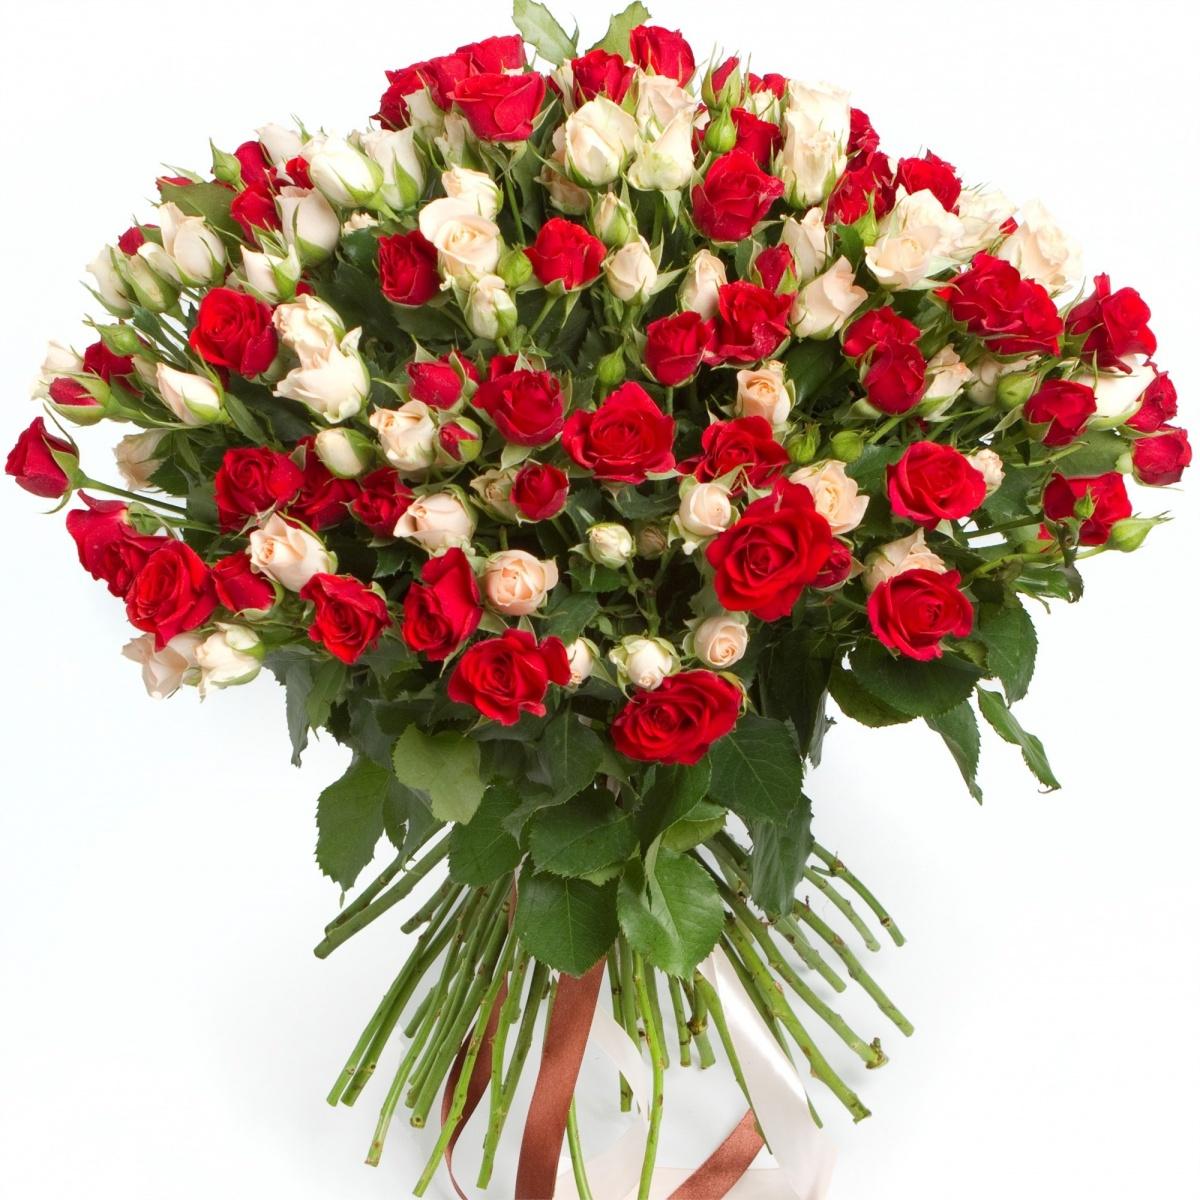 Купить розы недорого в краснодаре подарок женщине на работе